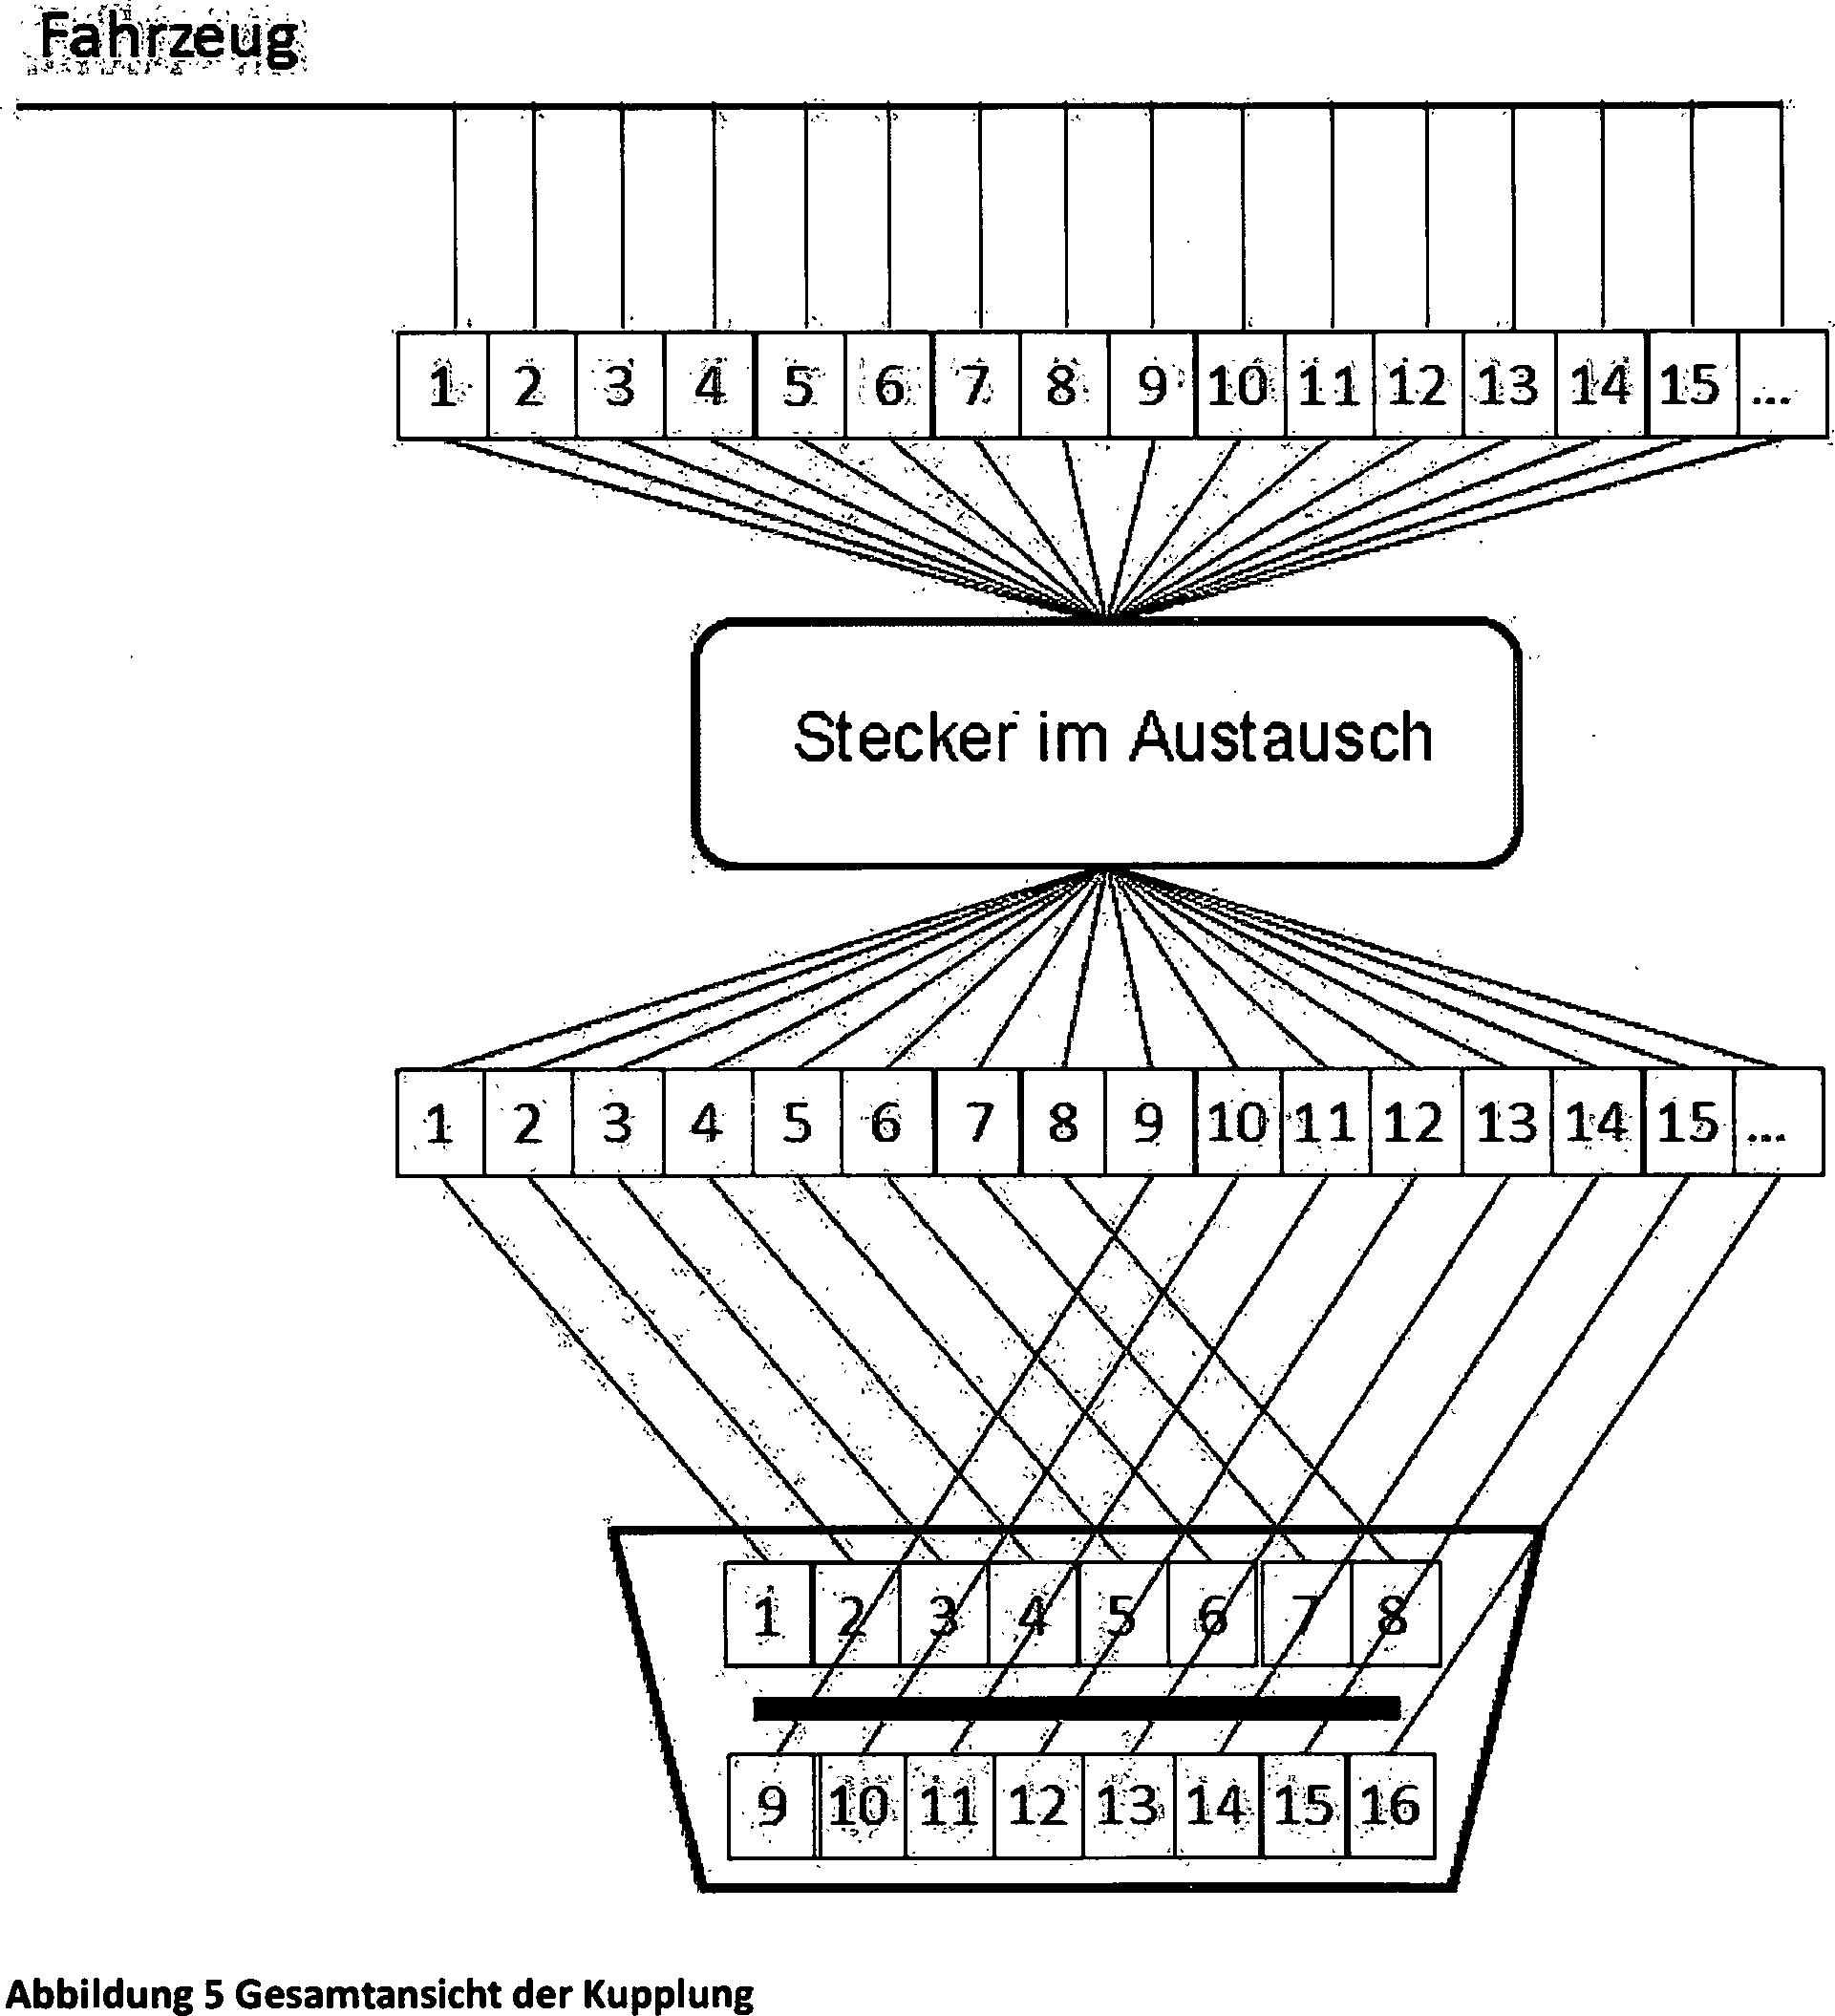 patent de202012003336u1